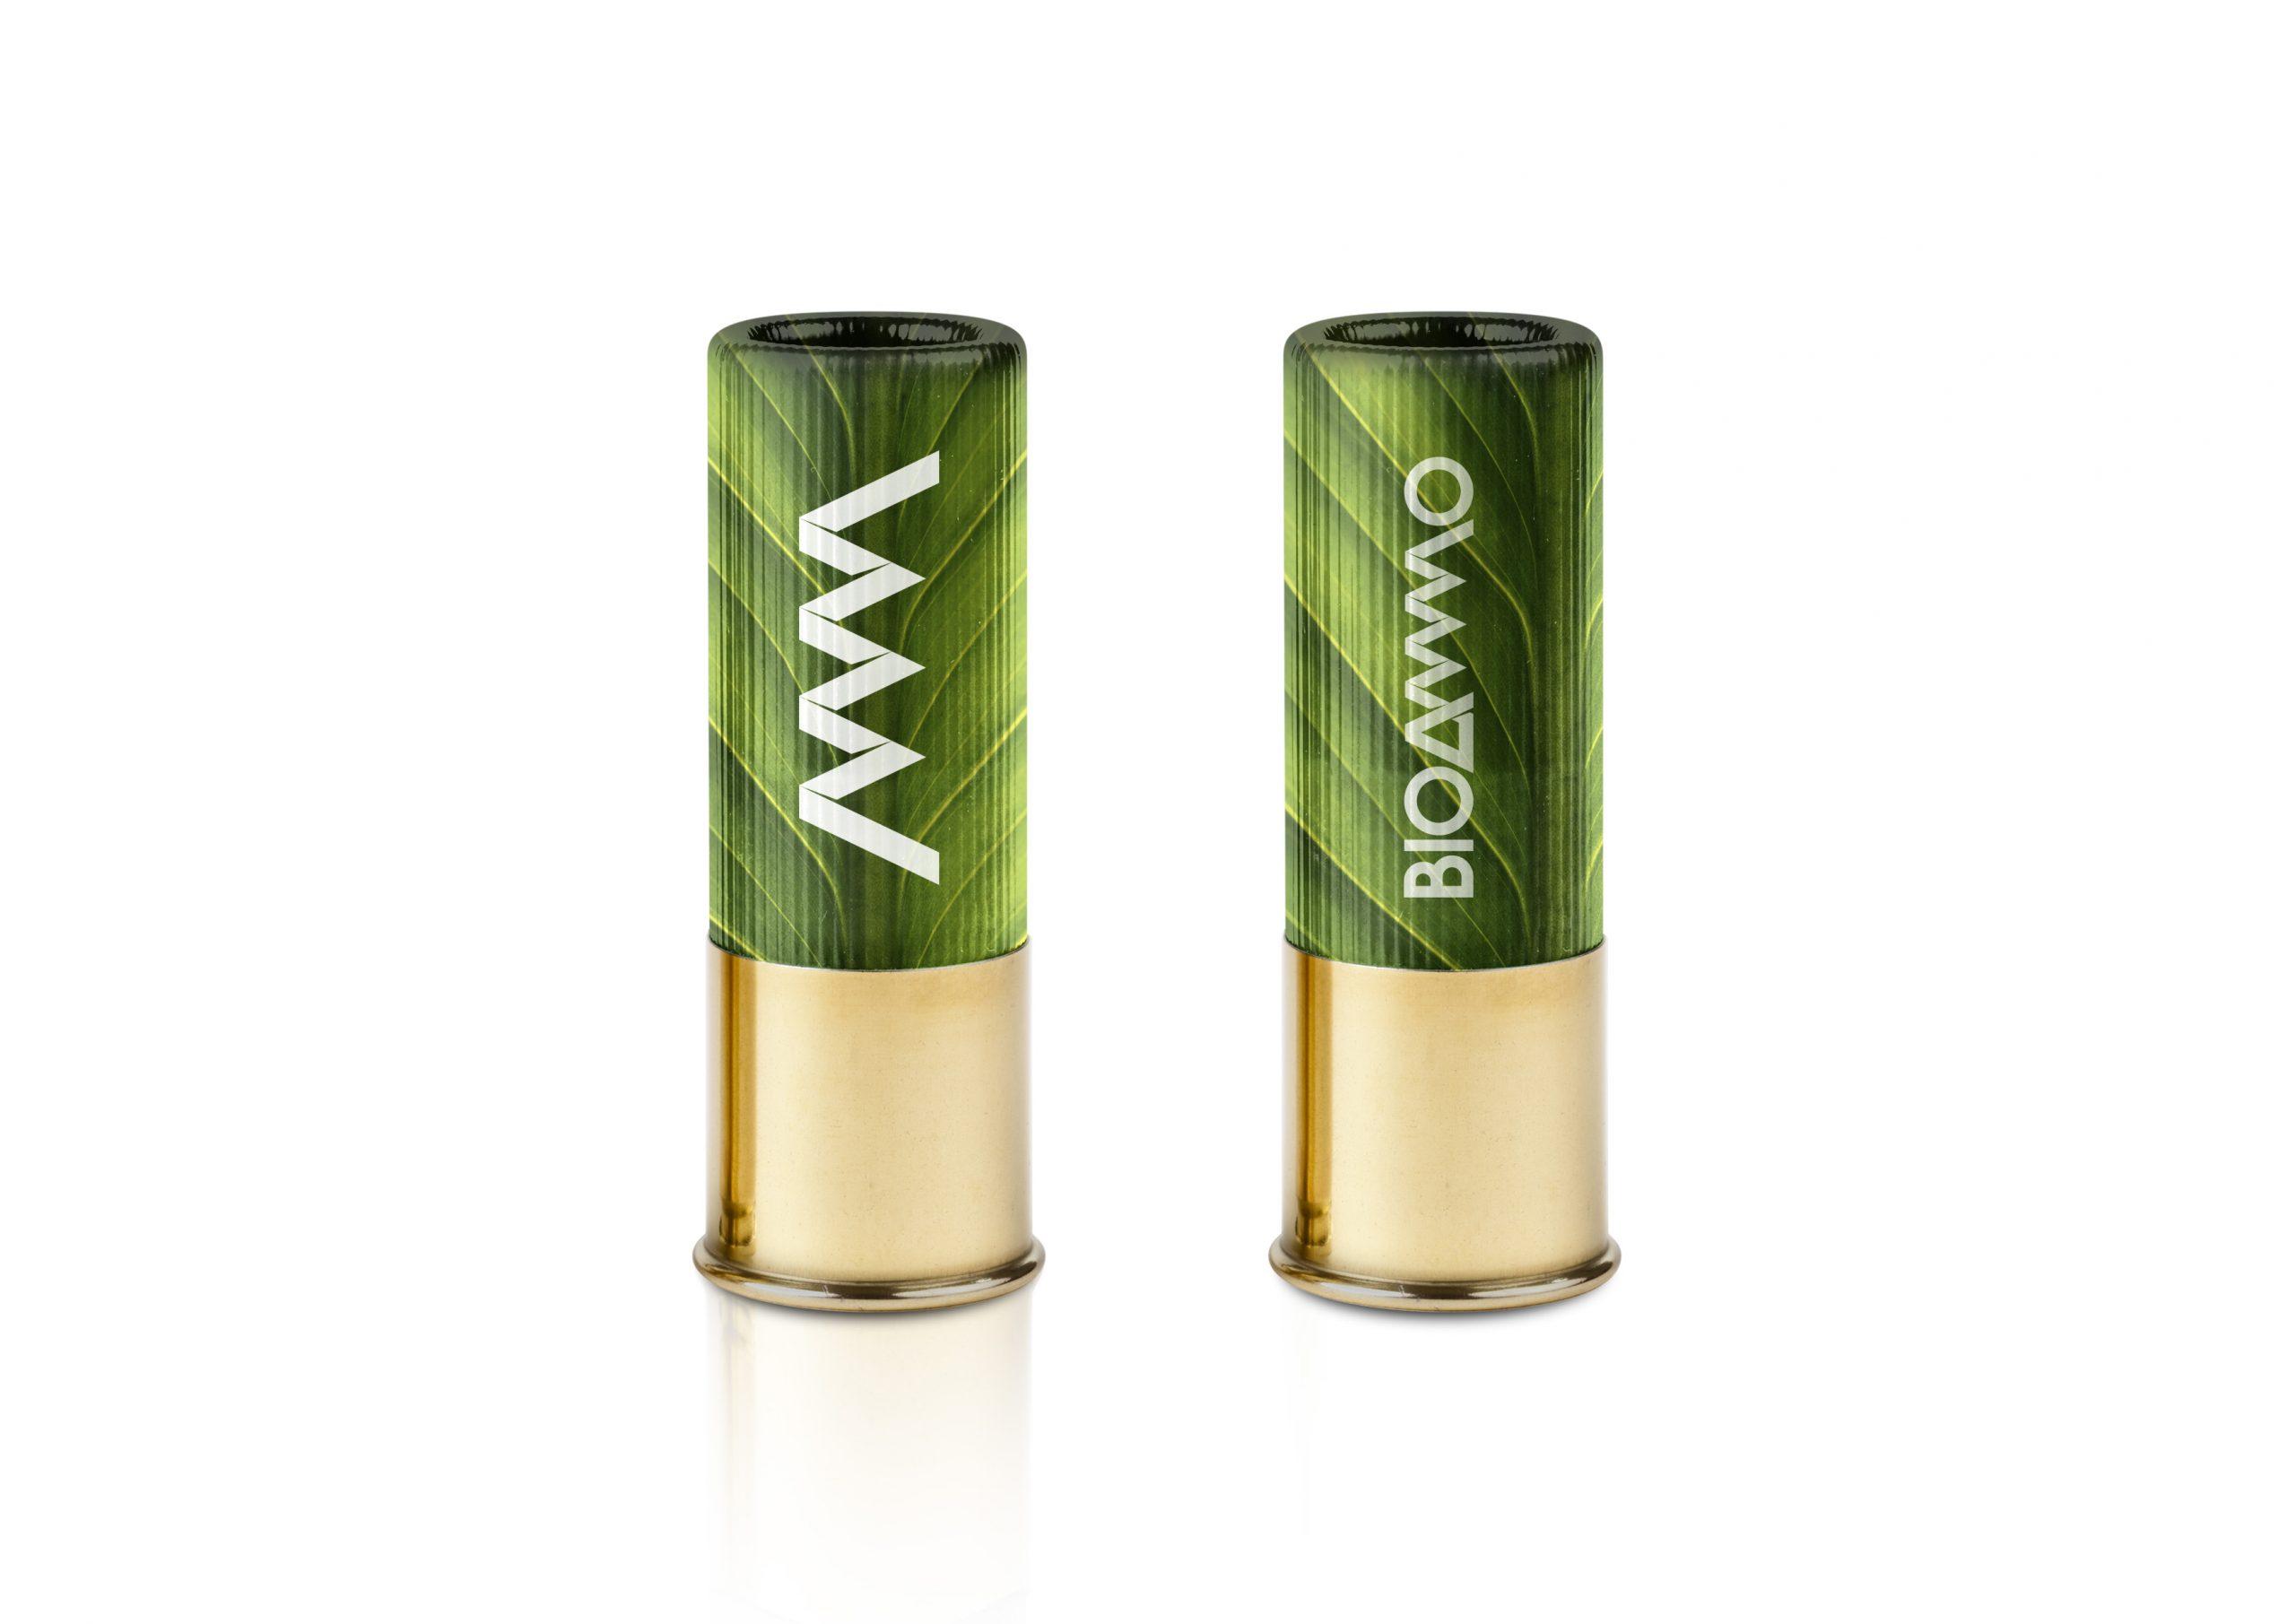 Los únicos cartuchos biodegradables y biocompostables del mundo podrán verse en Cinegética 2020 de la mano de BioAmmo